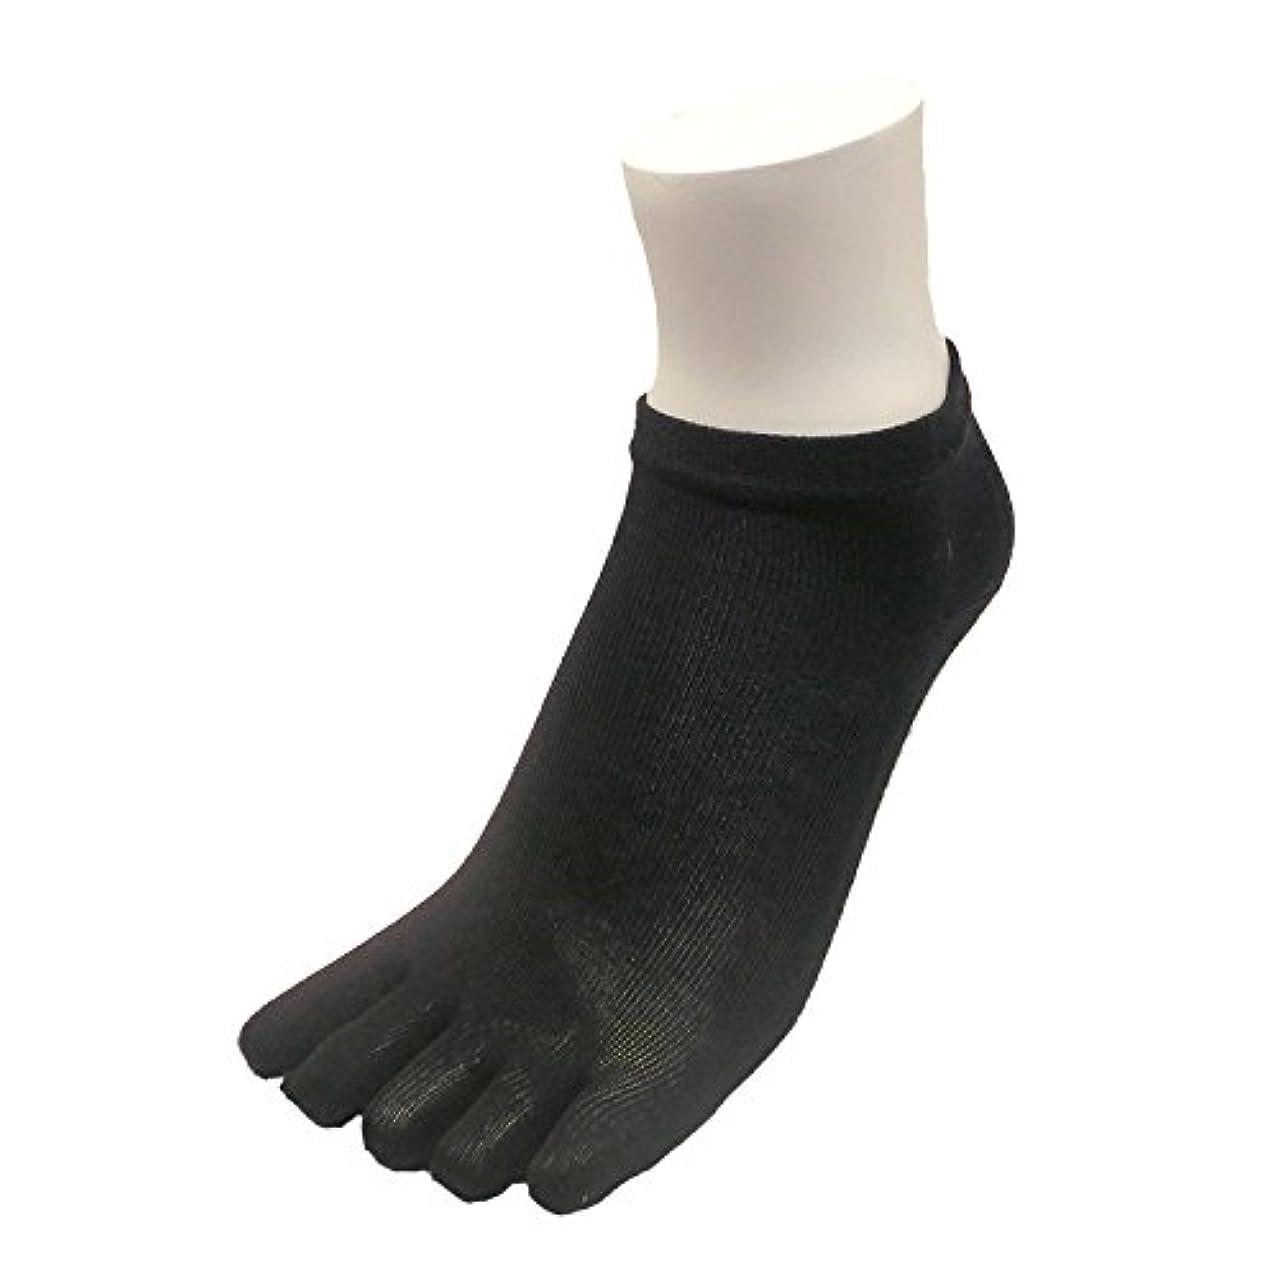 かんがい表向き祖母シルク 五本指 ソックス 23-25cm 日本製 (ブラック3足セット)絹 靴下